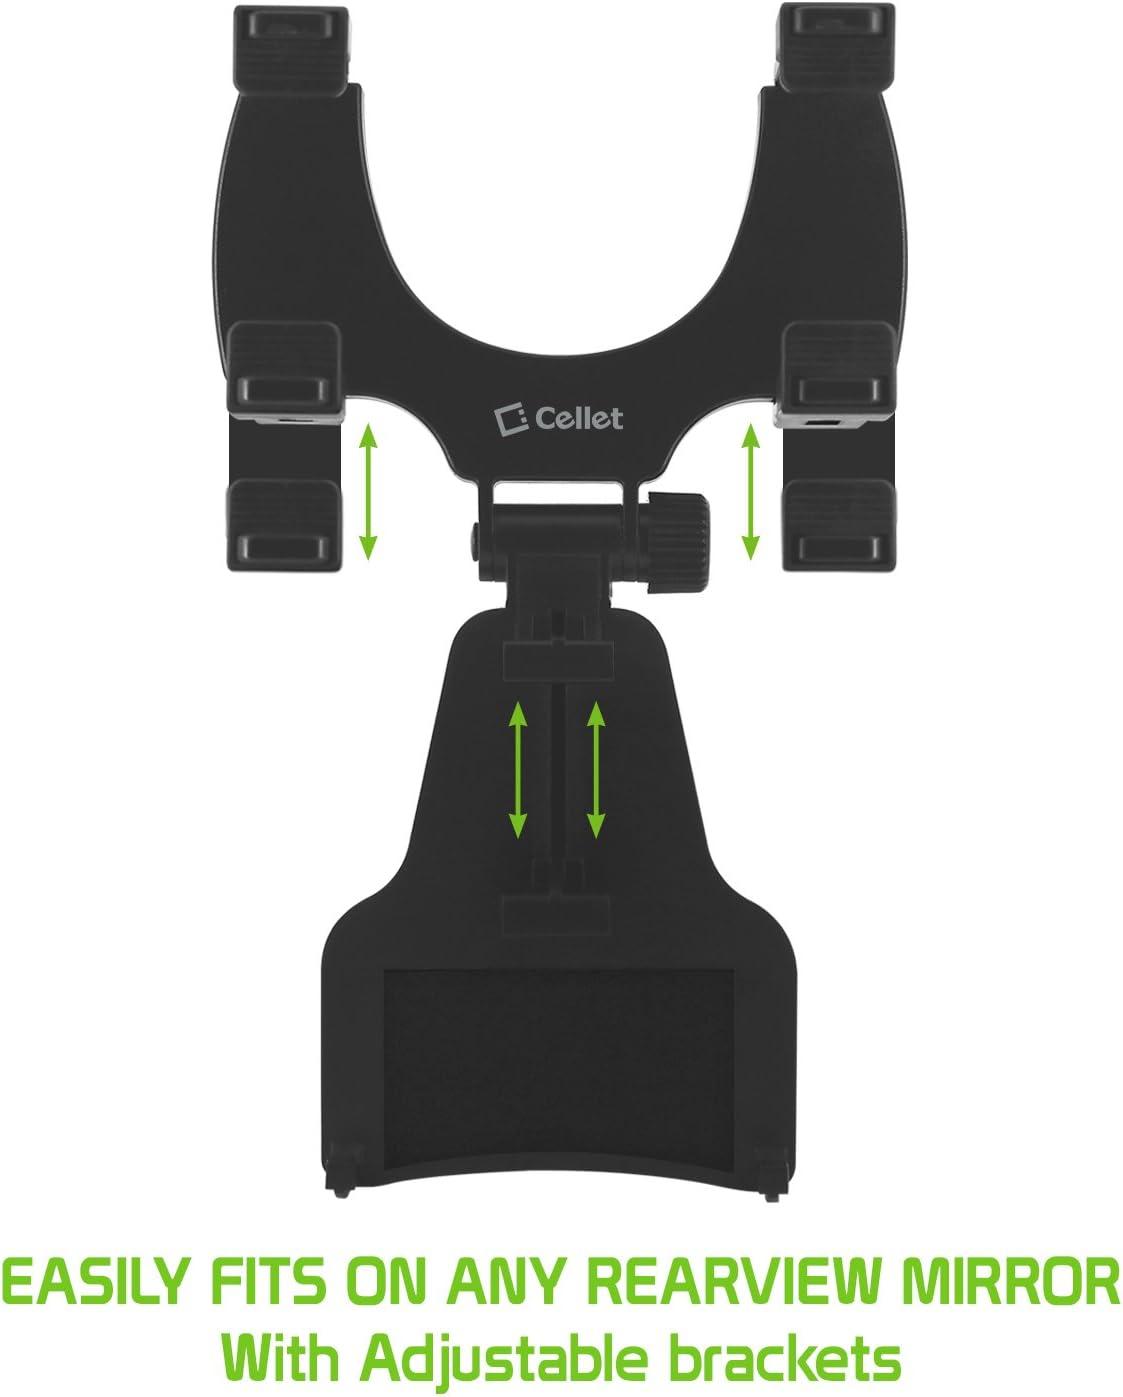 Auto Bracket Cradle Compatible with Apple iPhone 11 Pro 11 Pro Max 11 Xr Xs Max Xs X SE 8 Plus 8 7 Plus 7 6S Plus 6S 6 Plus 65S 5C 5 4S 4 3GS 3G Cellet Rearview Mirror Phone Holder